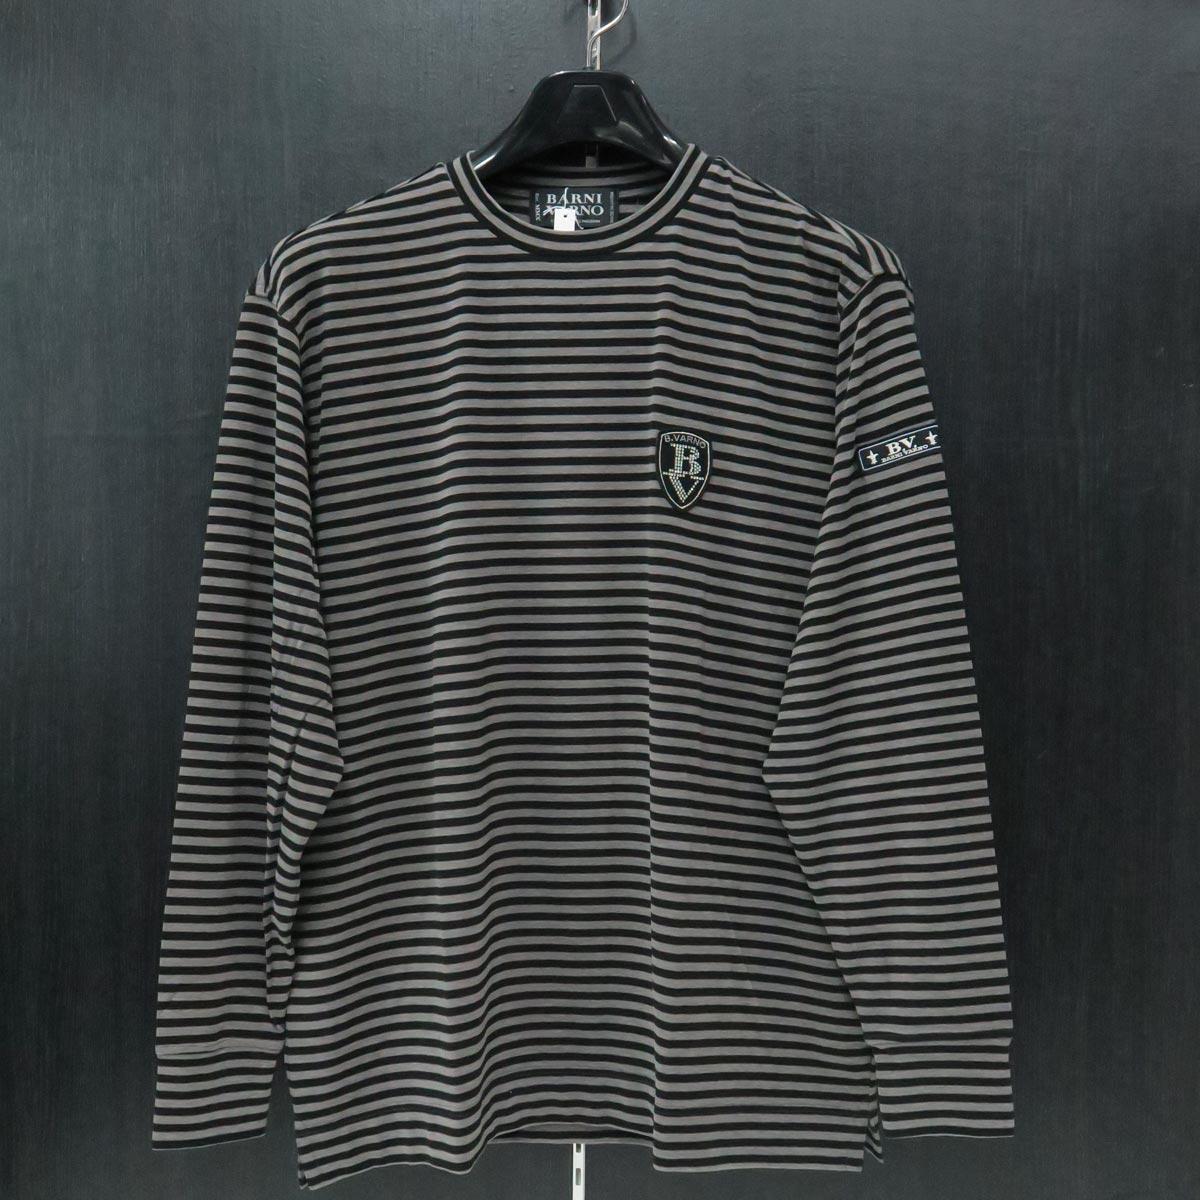 バーニヴァーノ 丸首Tシャツ Lサイズ 黒グレー BAW-IST3459-07